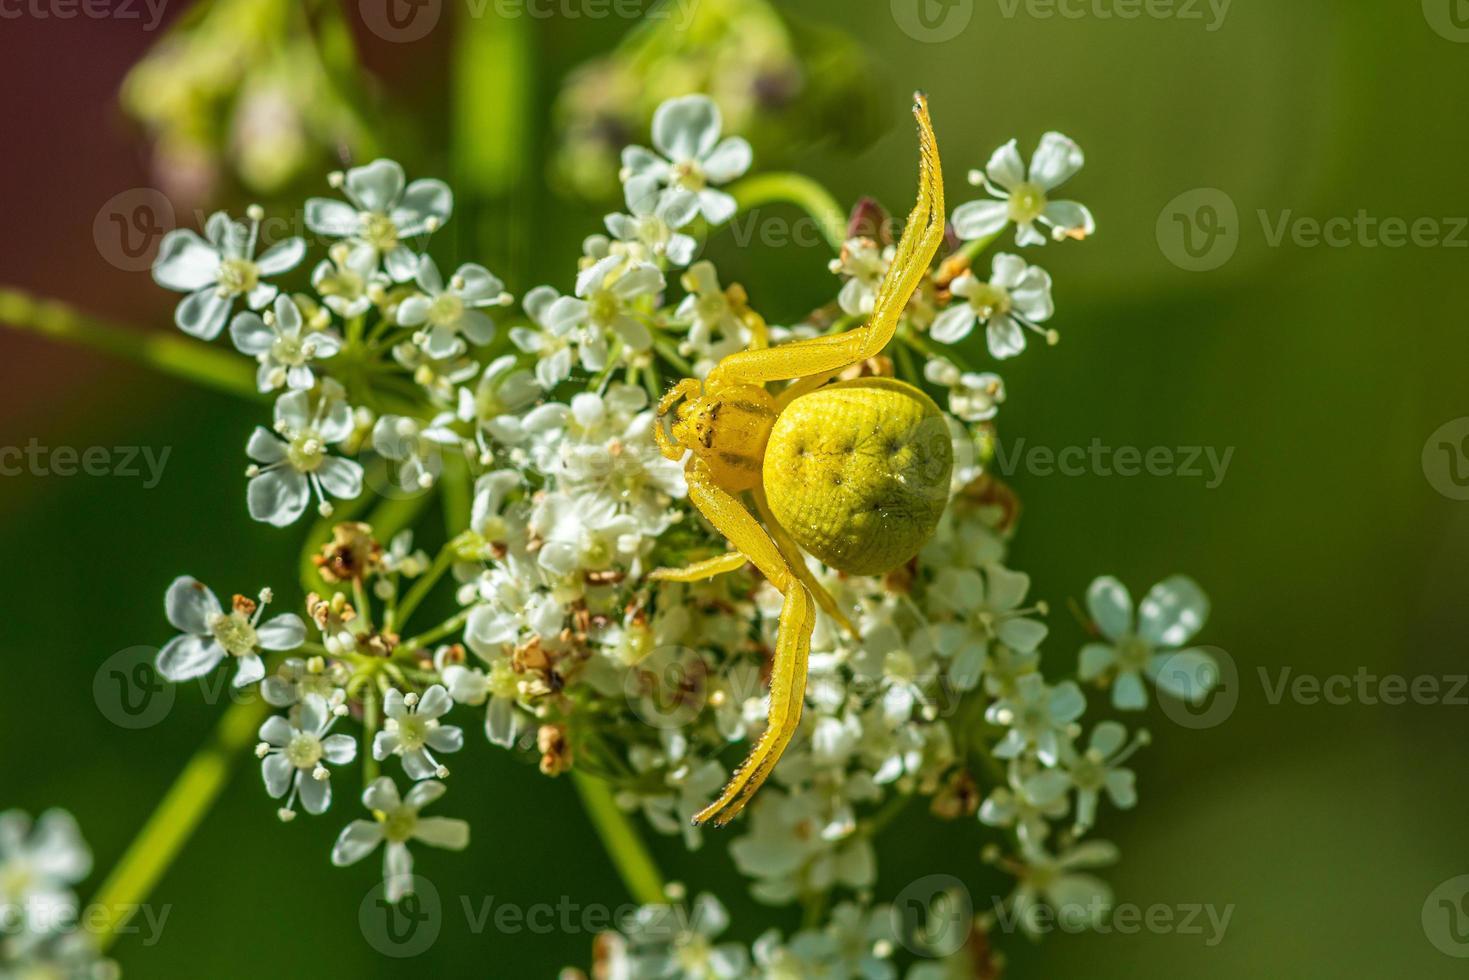 Gros plan d'une araignée crabe jaune sur une fleur blanche photo